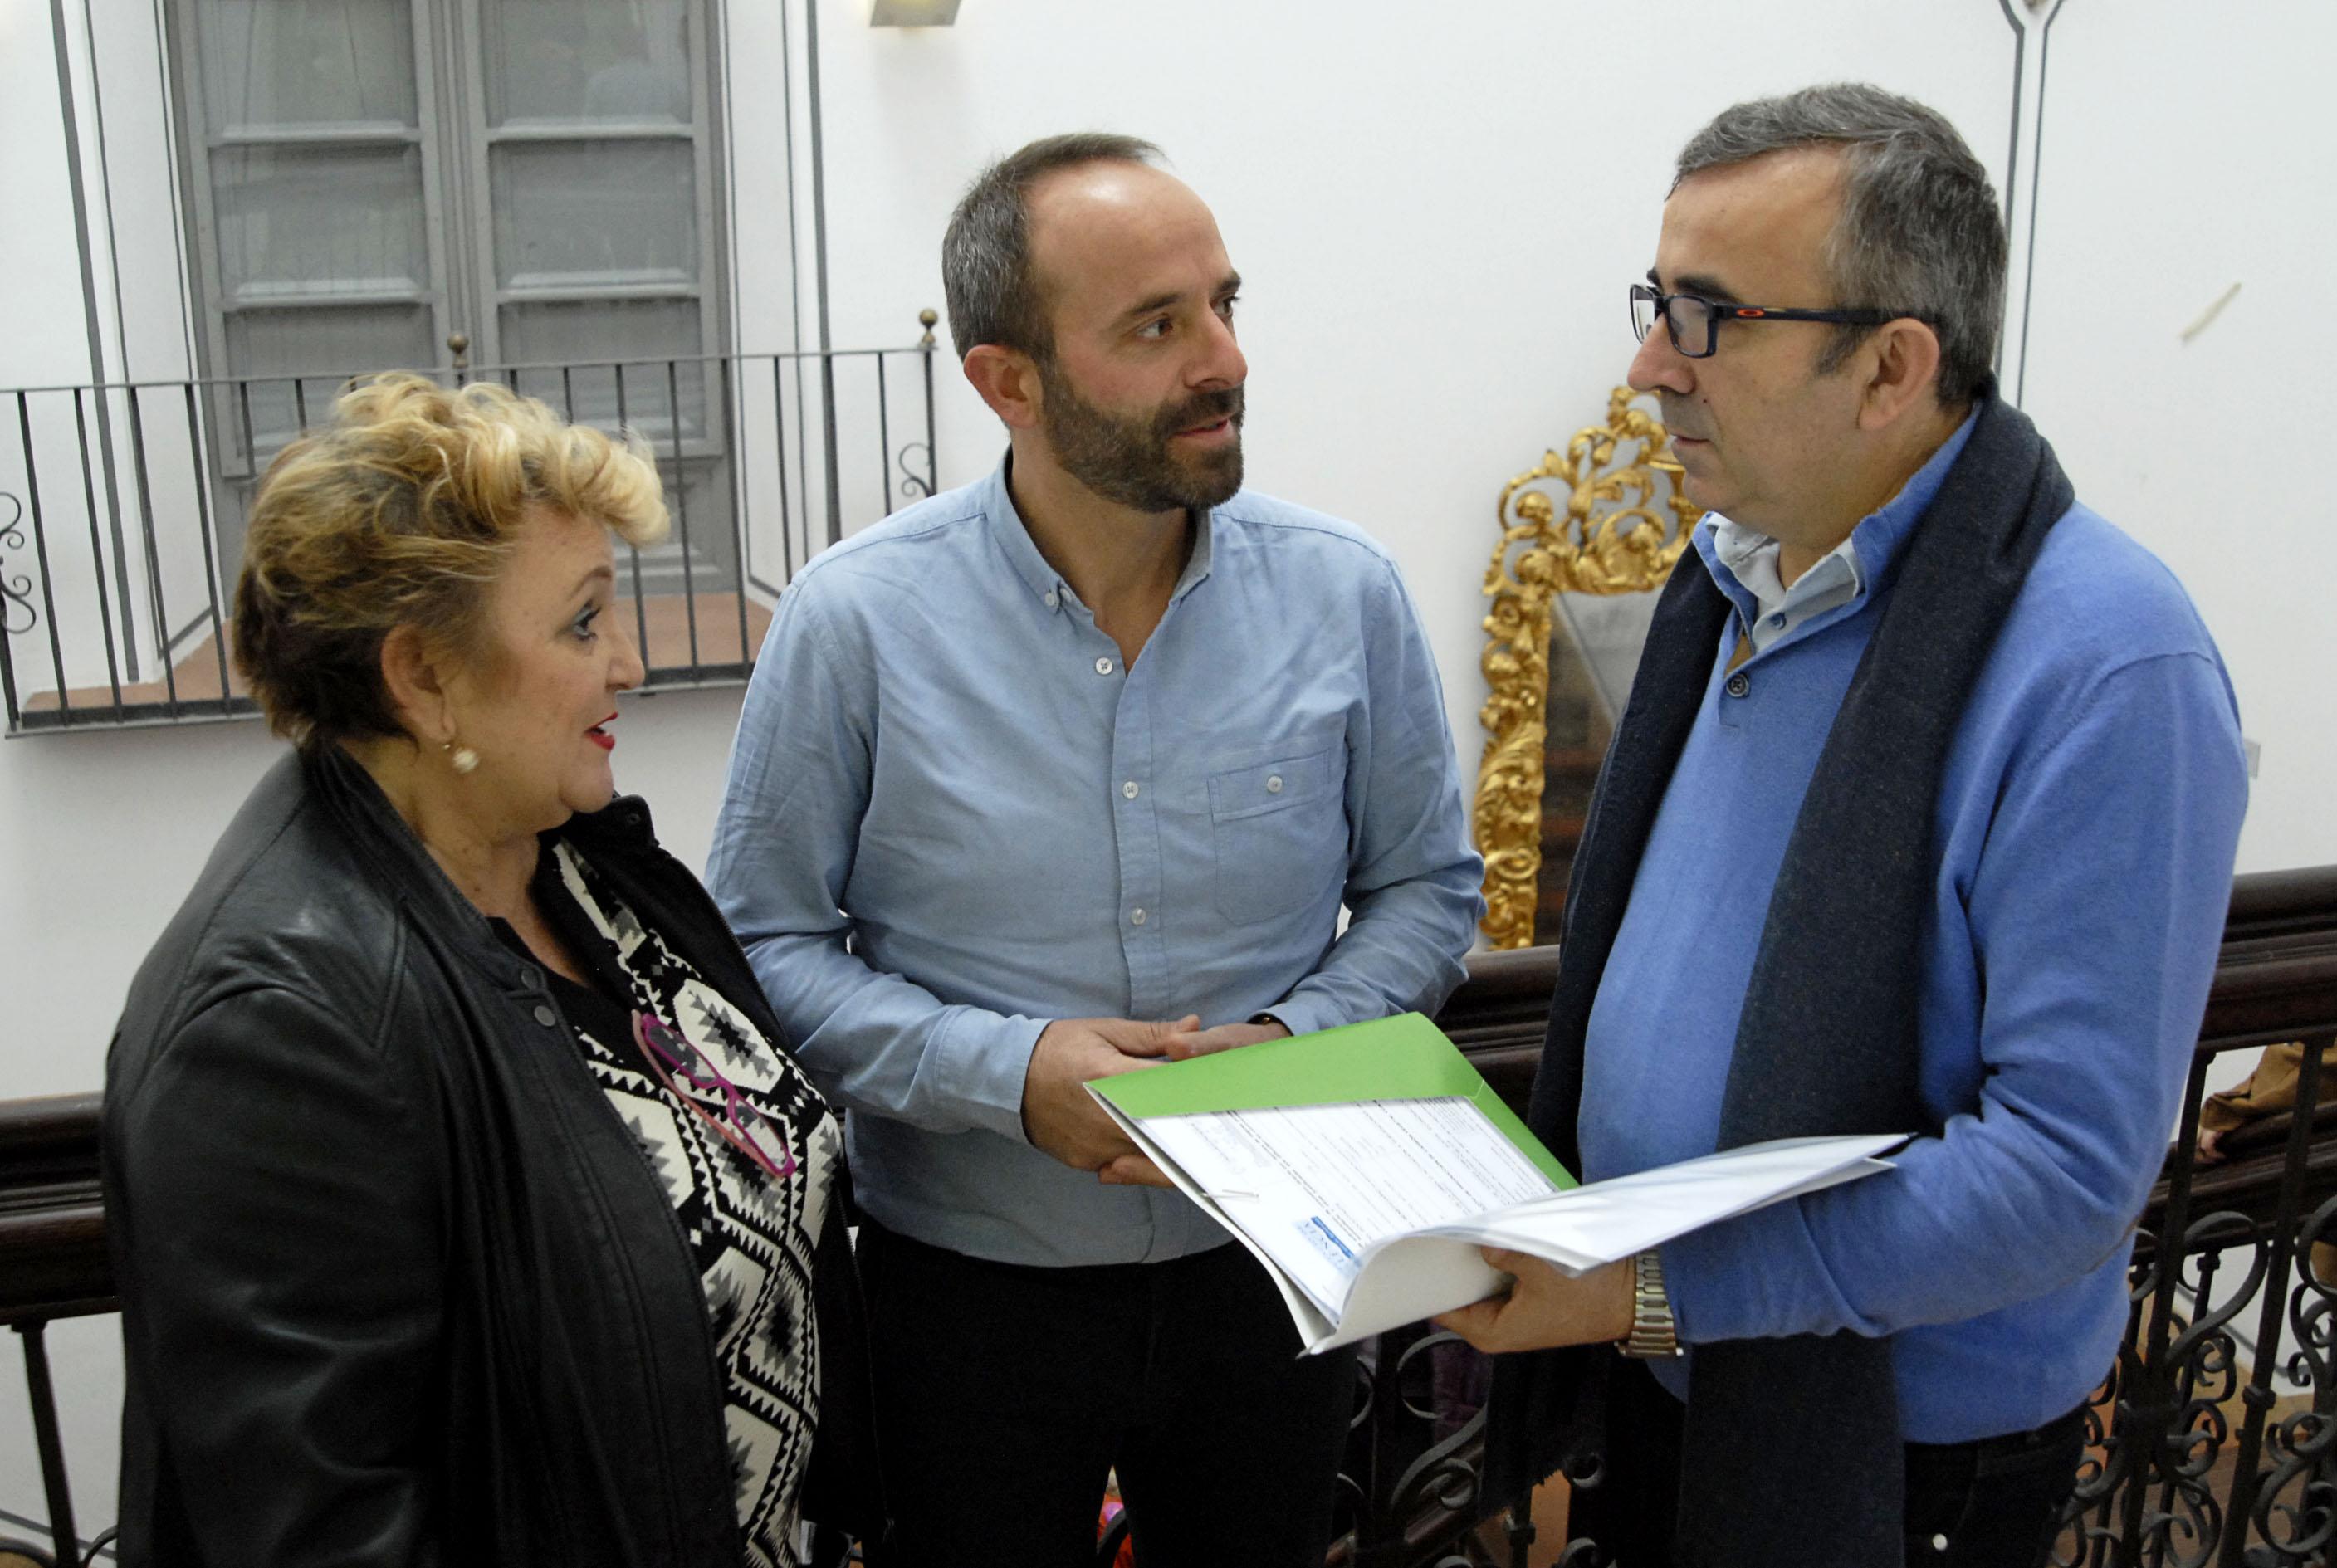 El diputado de Mancomunidades y Comarcalización, Voro Femenia, ha mantenido una reunión con el presidente del ente, Ramiro Rivera.